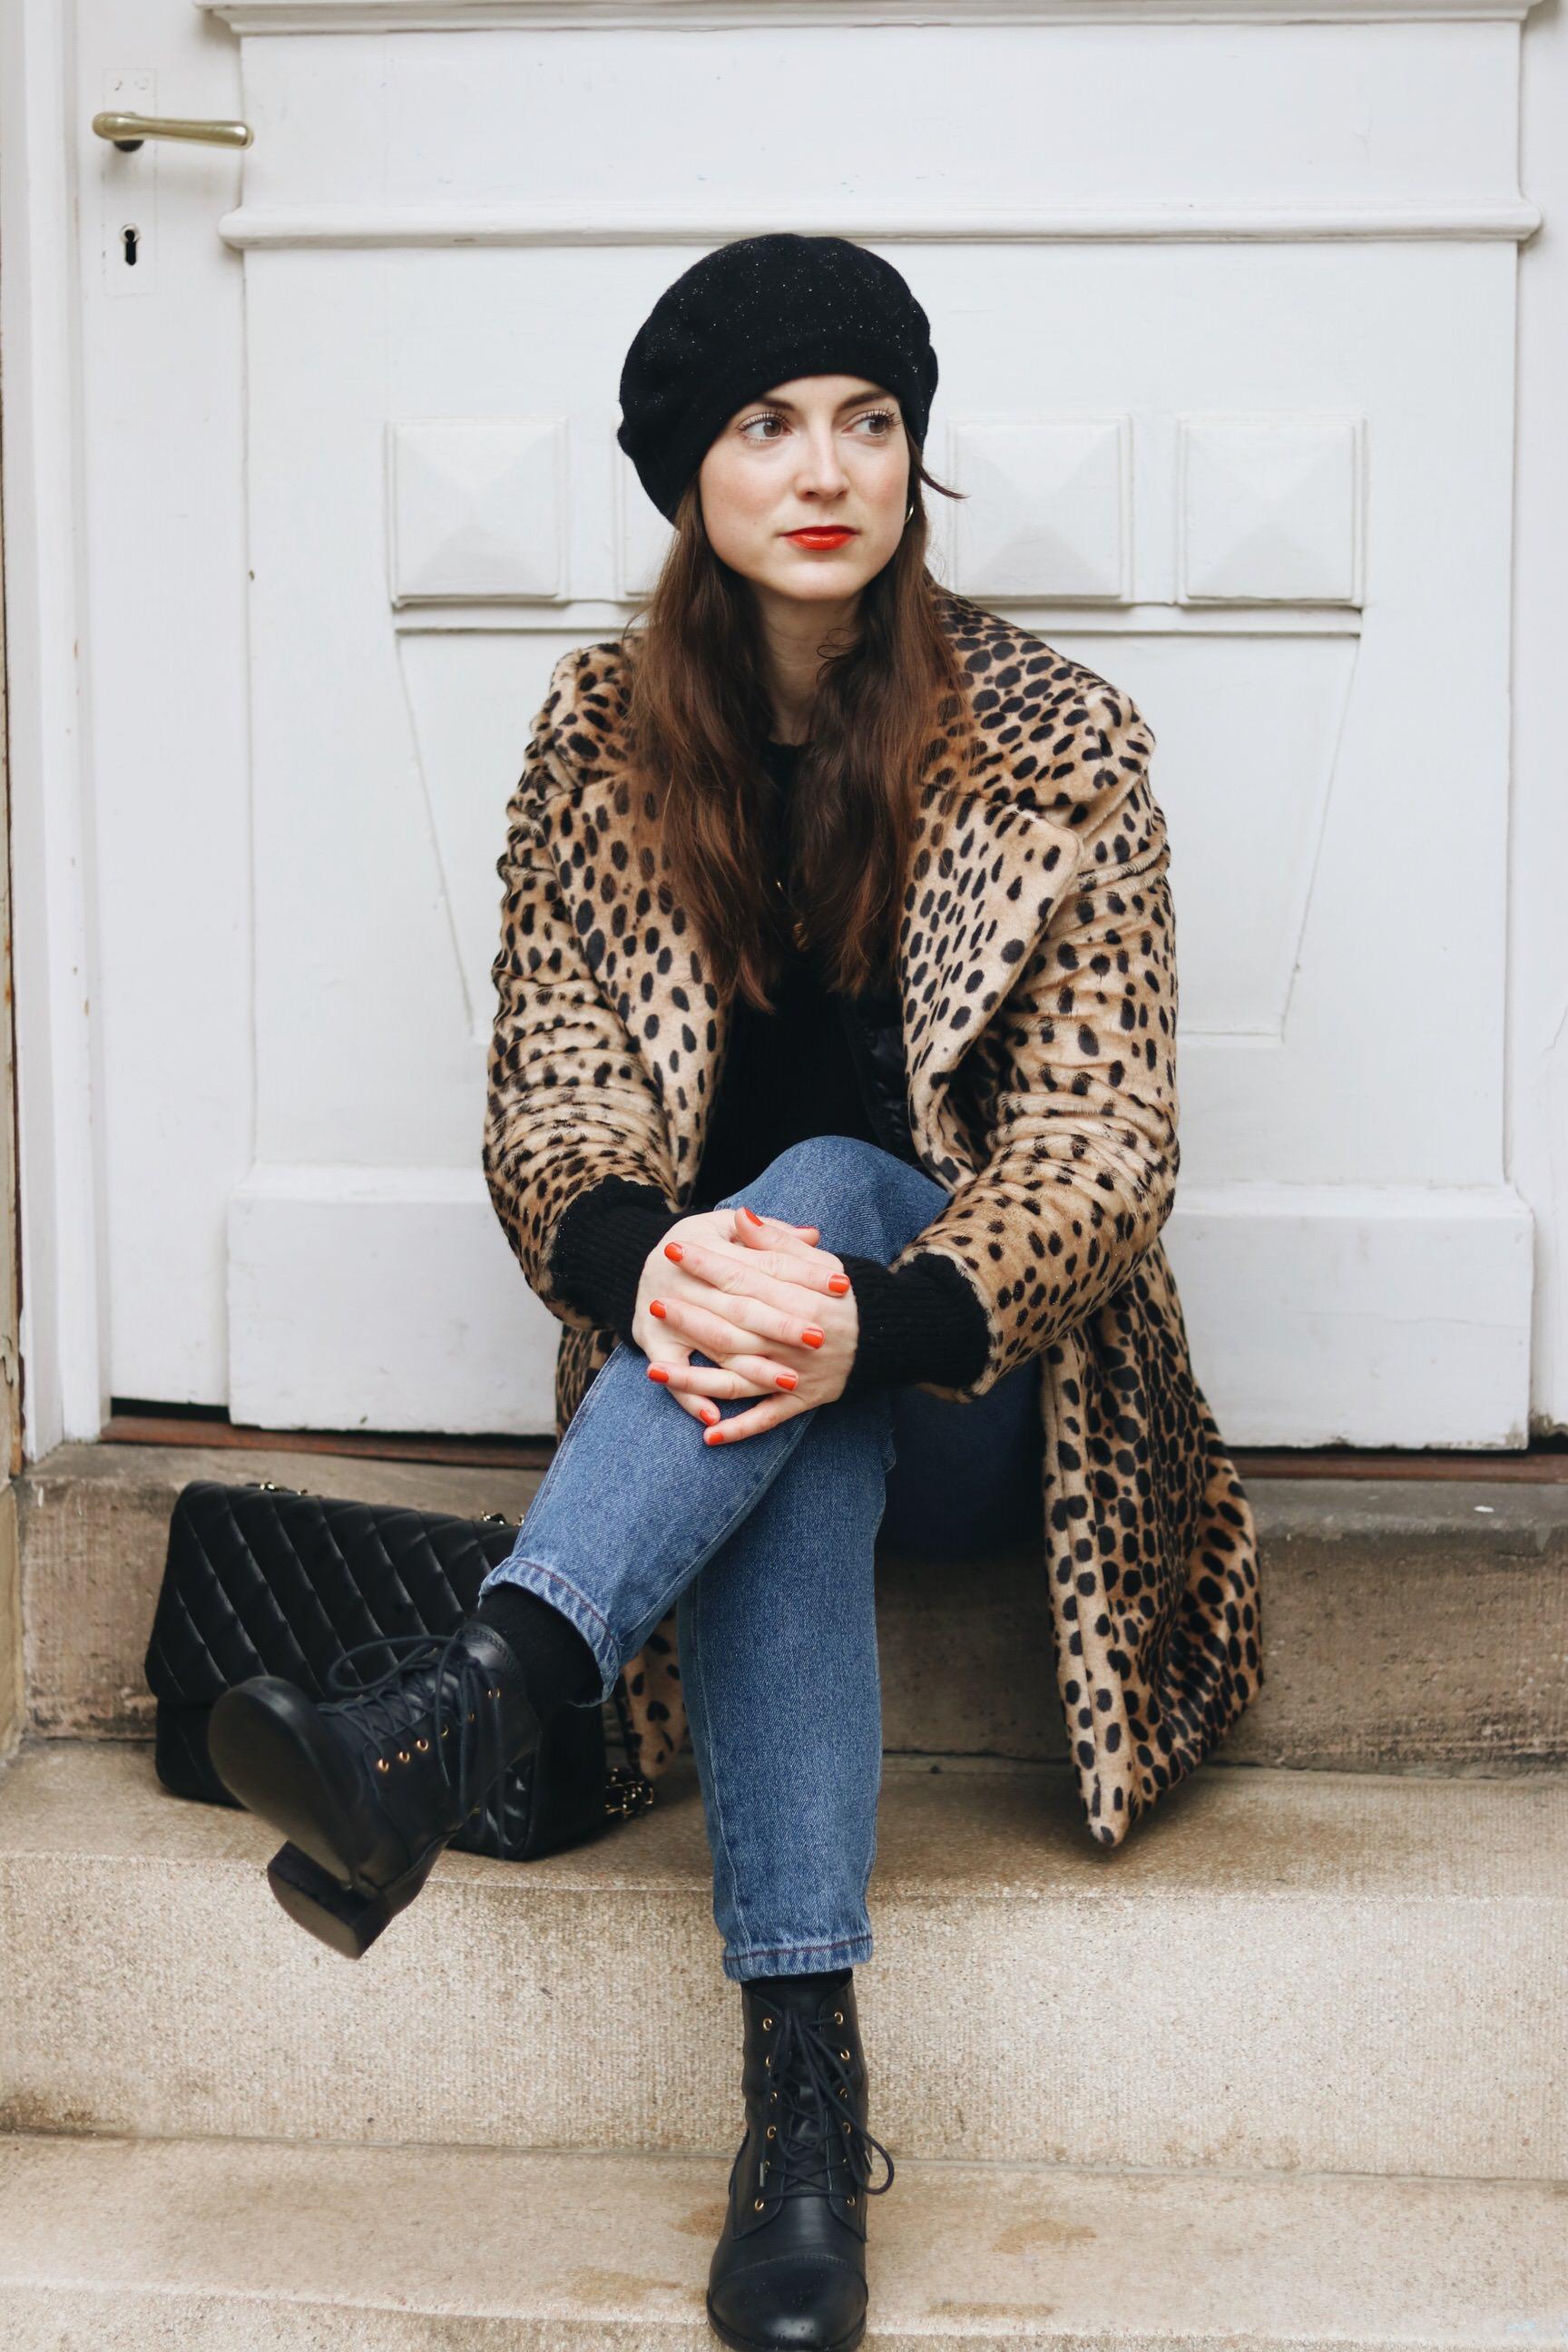 High Waist Jeans kombinieren Blog Outfit Post Instagram